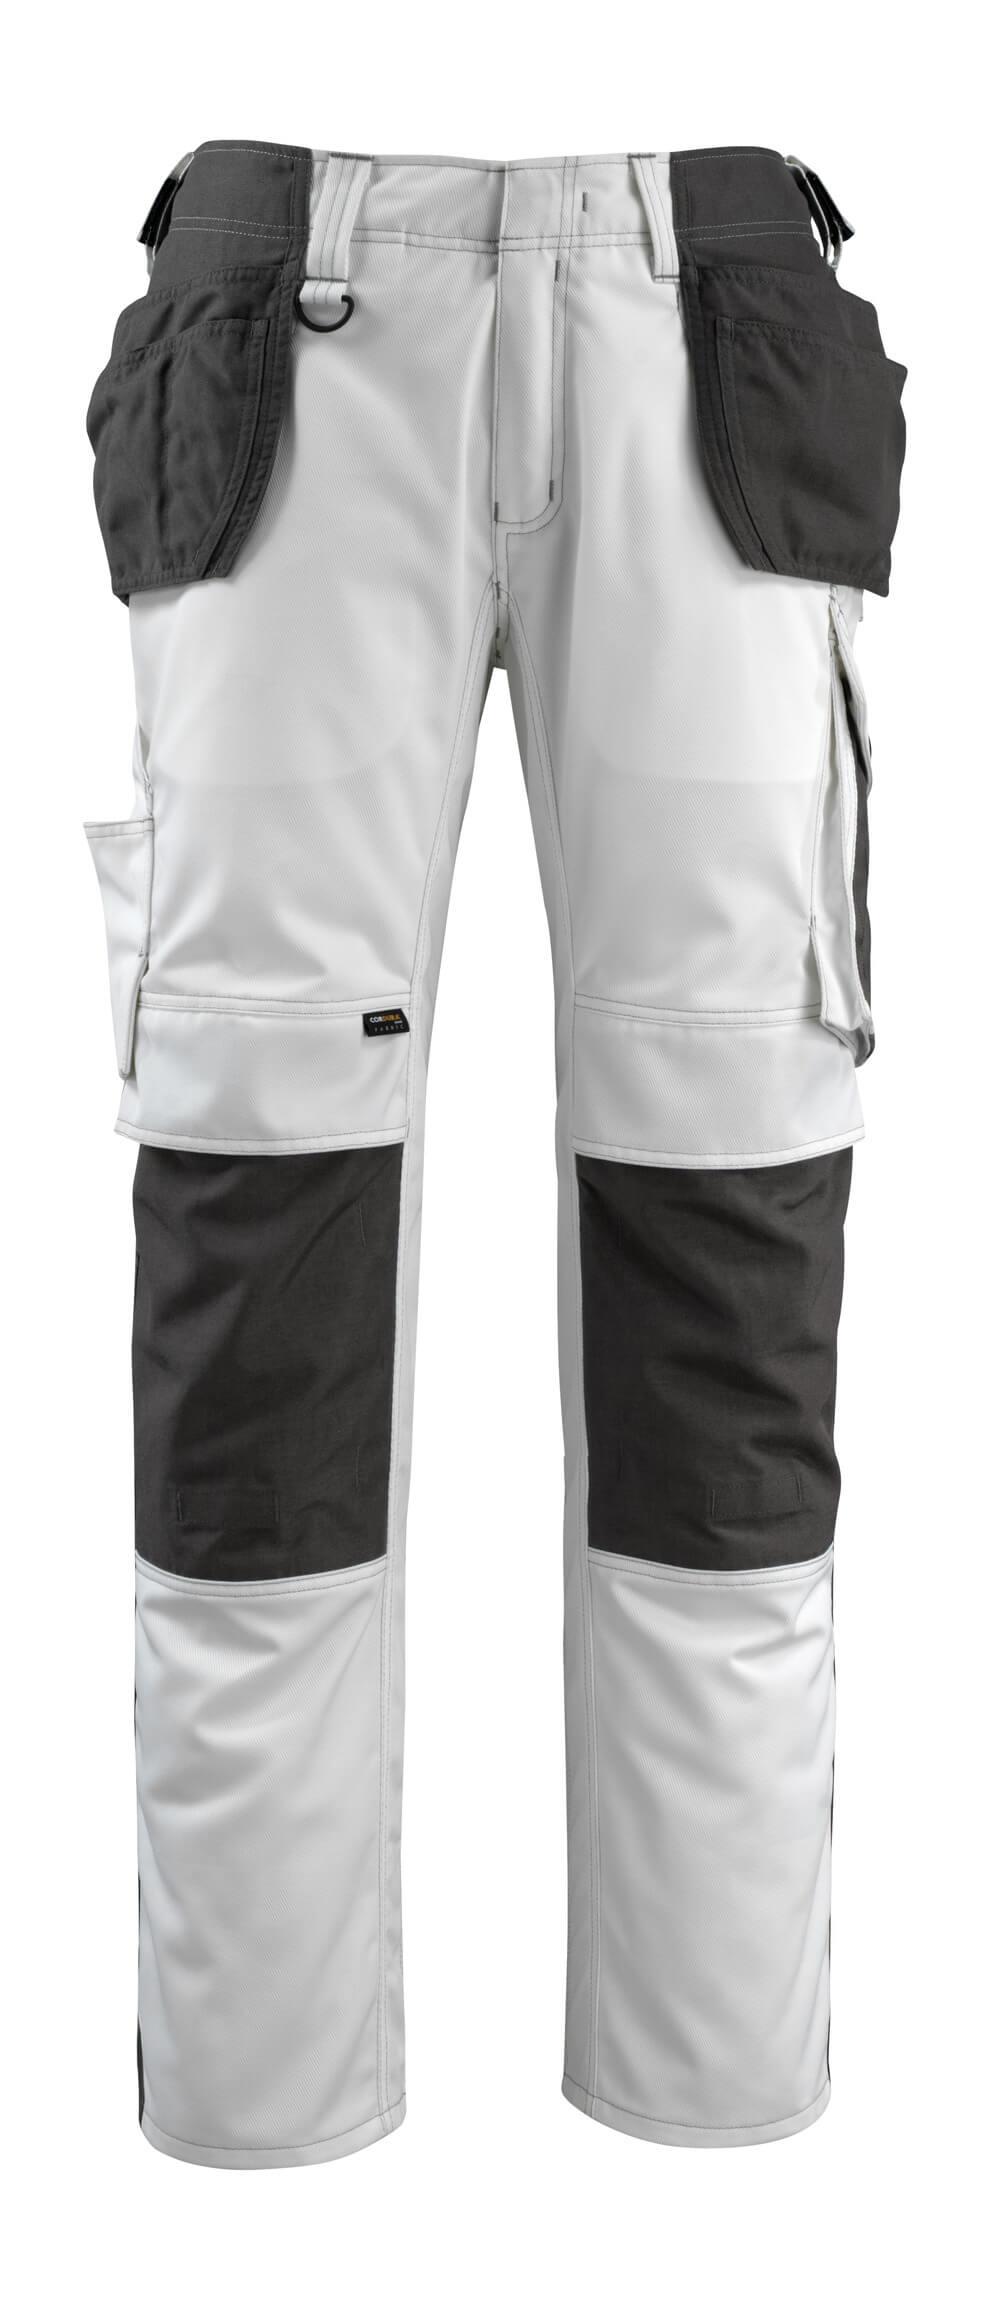 14031-203-0618 Broek met spijkerzakken - wit/donkerantraciet